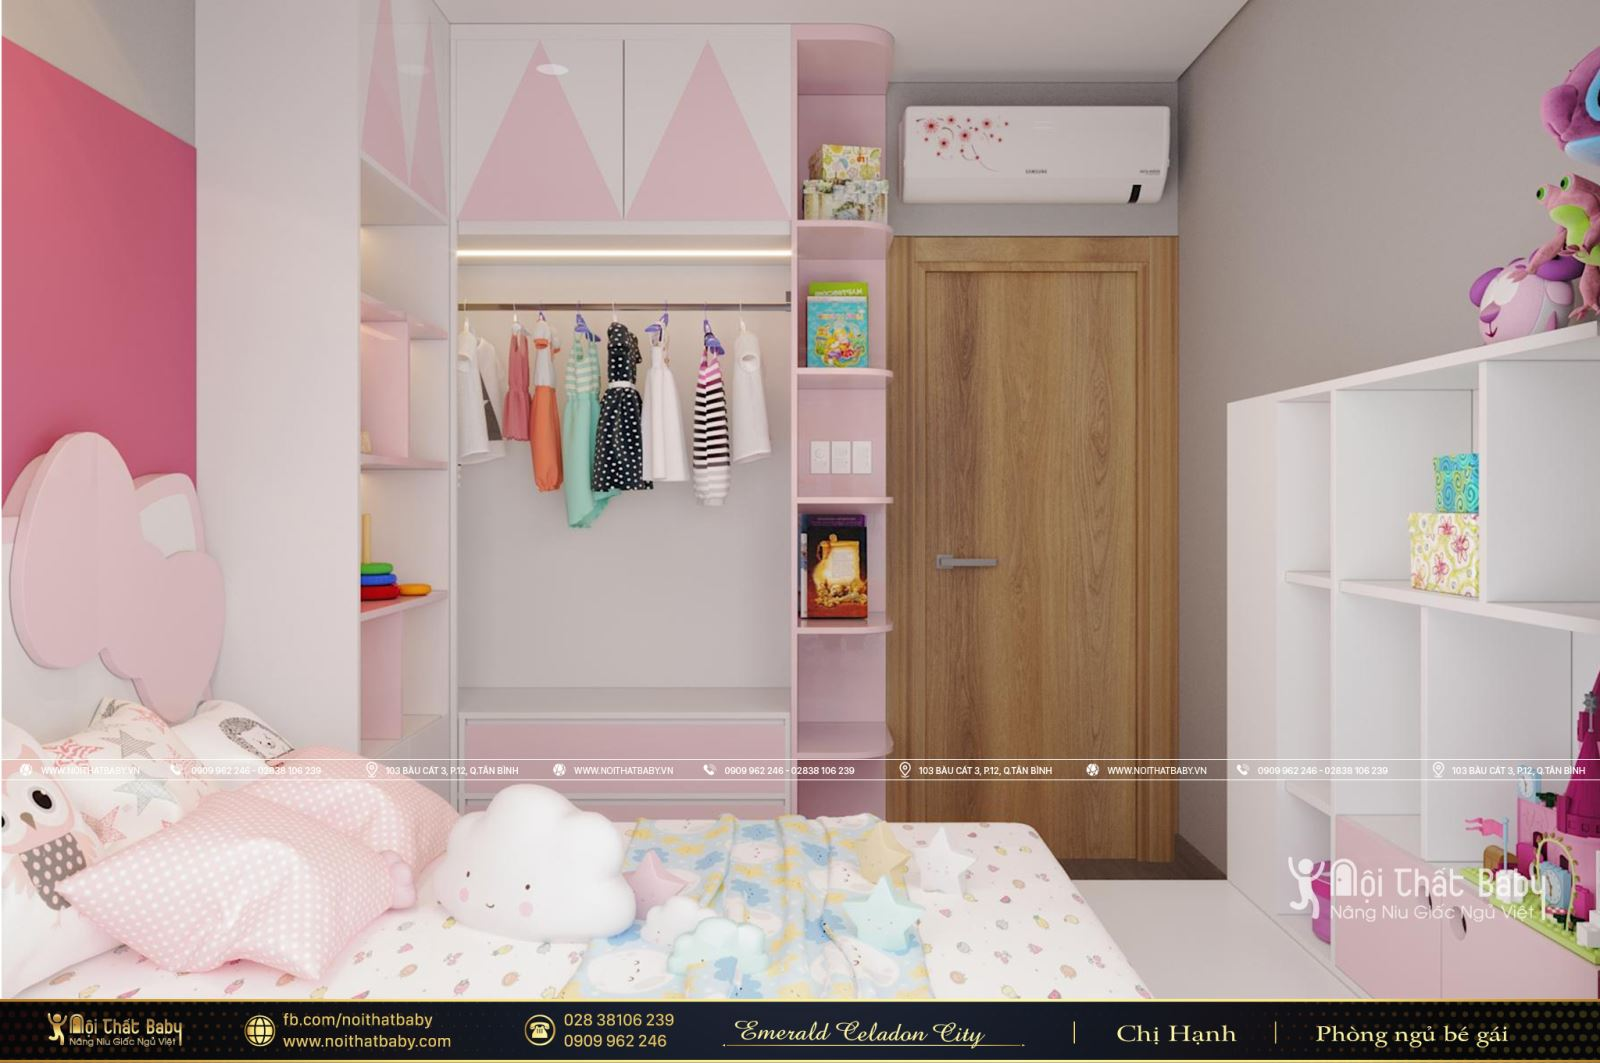 Thiết kế phòng ngủ bé gái đẹp, dễ thương